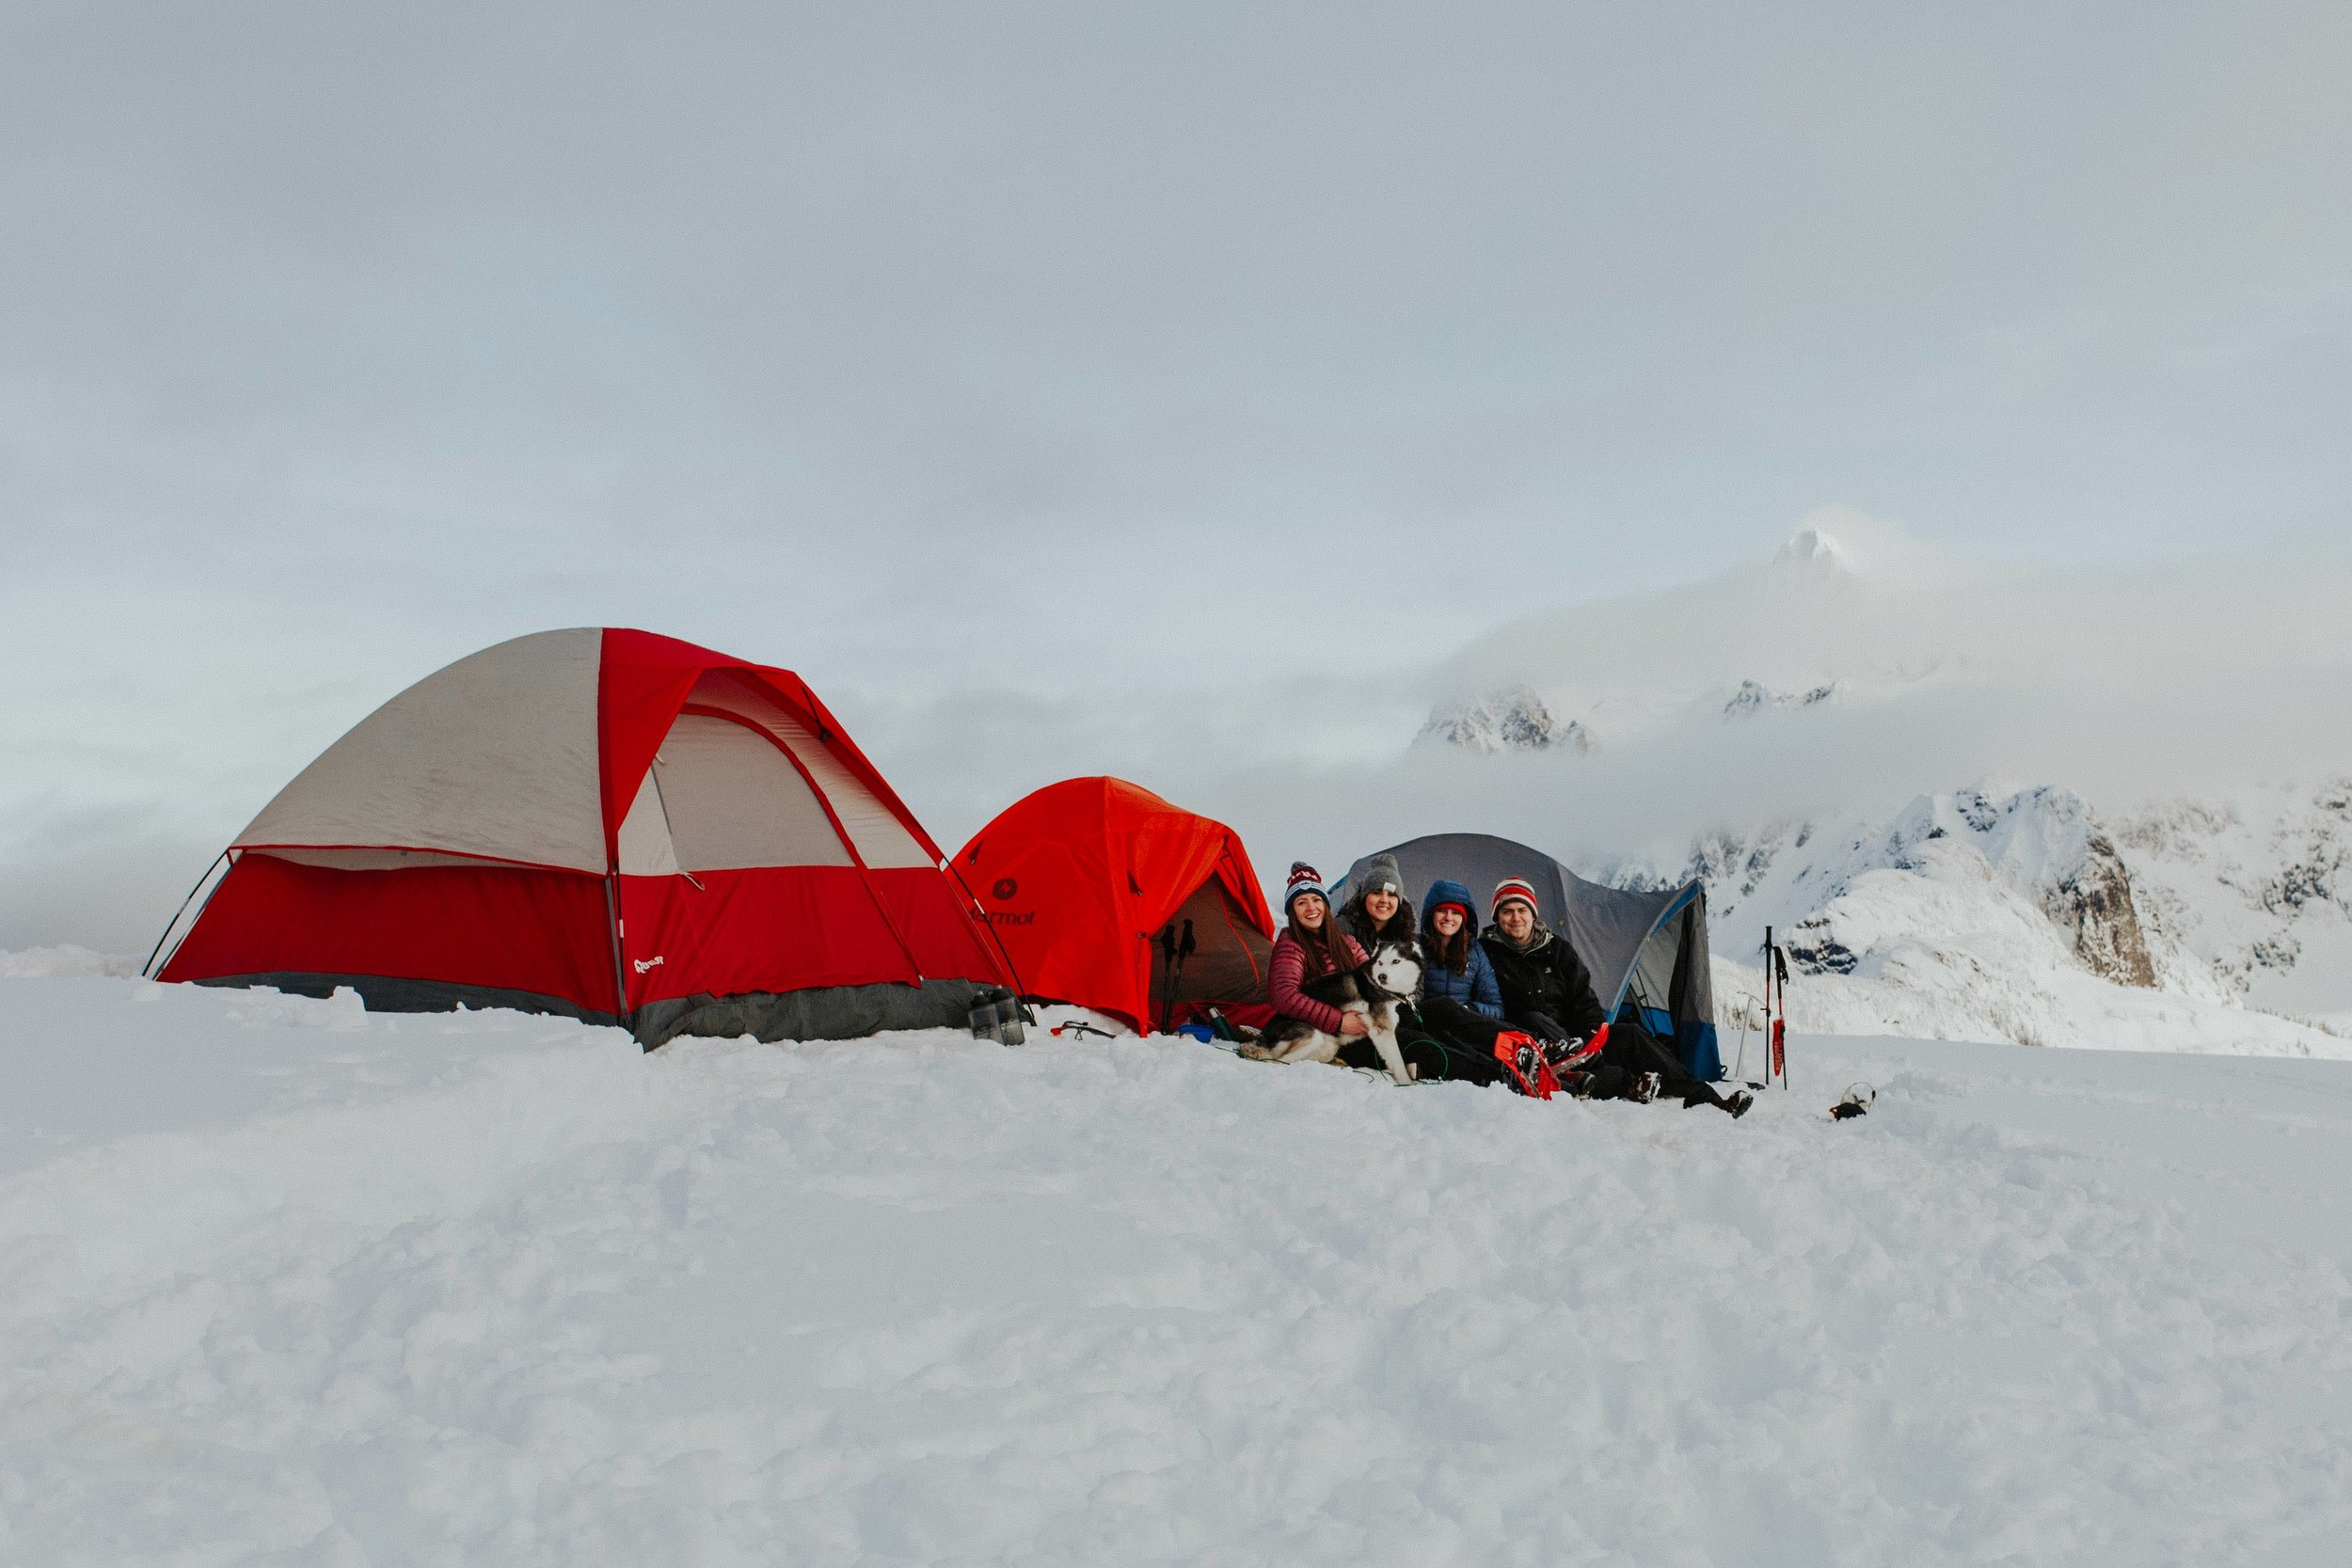 north-cascades-elopement-photographerelopement-photographer- adventure-elopement-photographer- mountain-camping.jpg